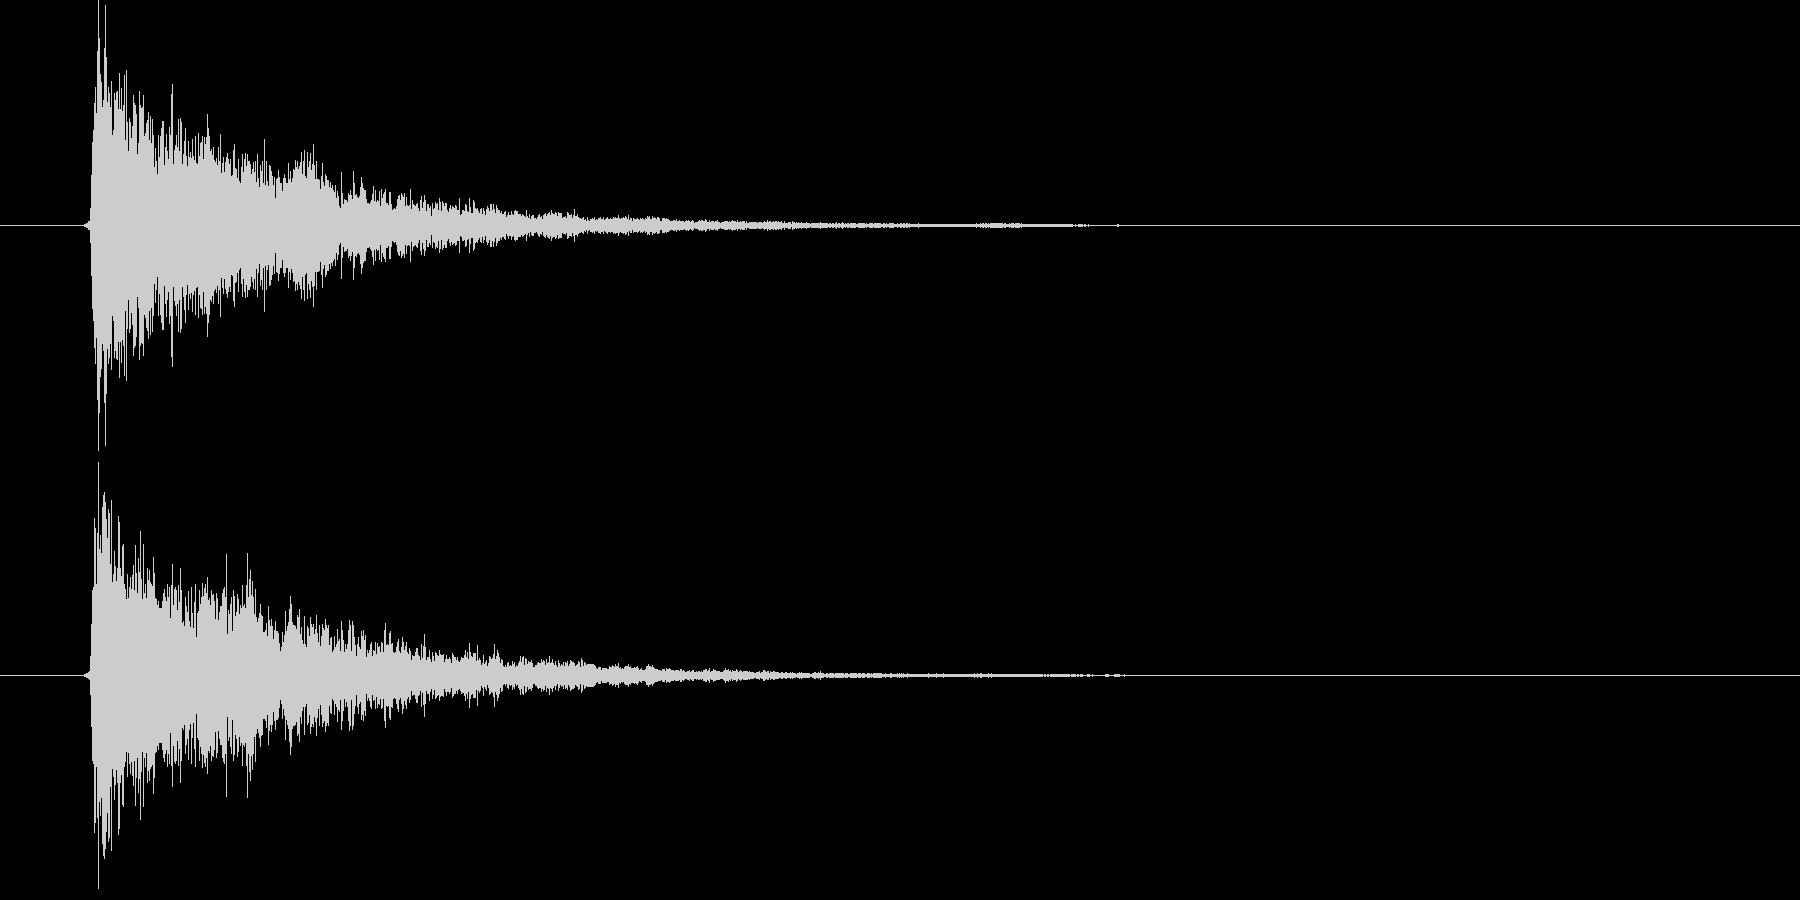 キュアーンという一瞬の音の未再生の波形